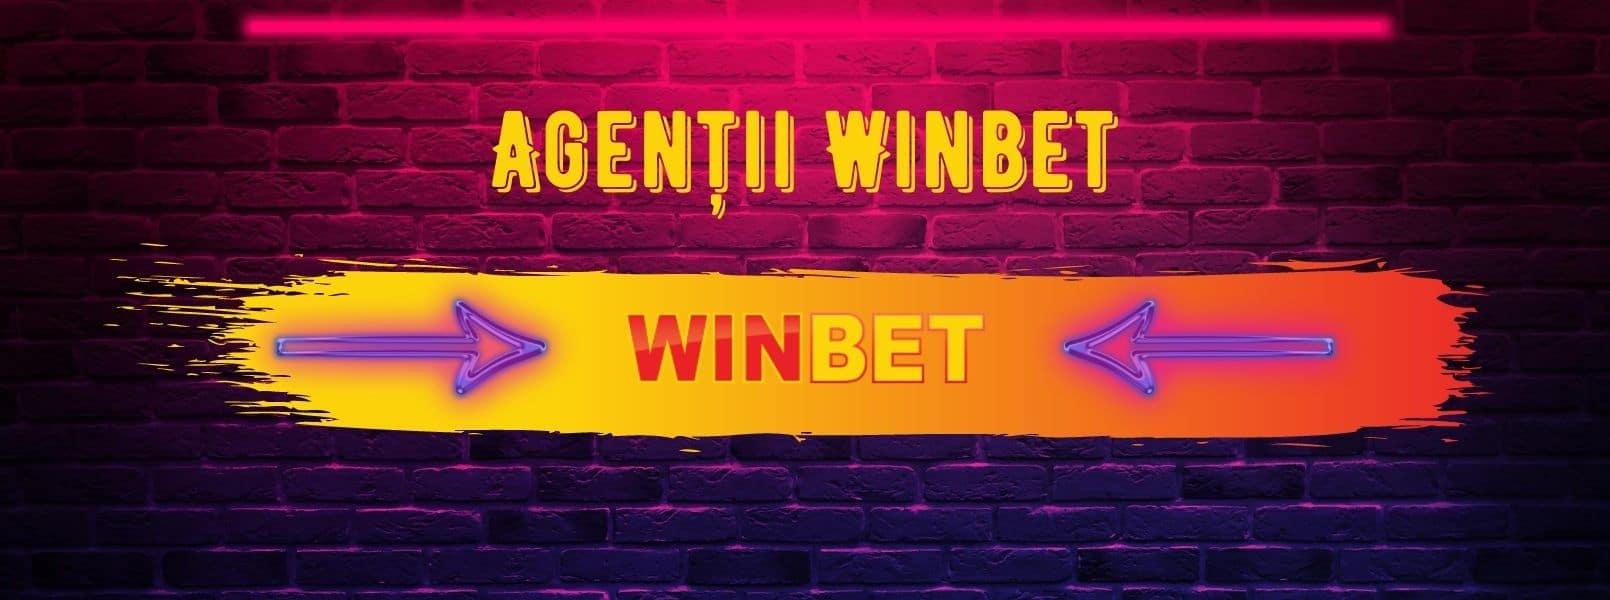 agentii winbet banner